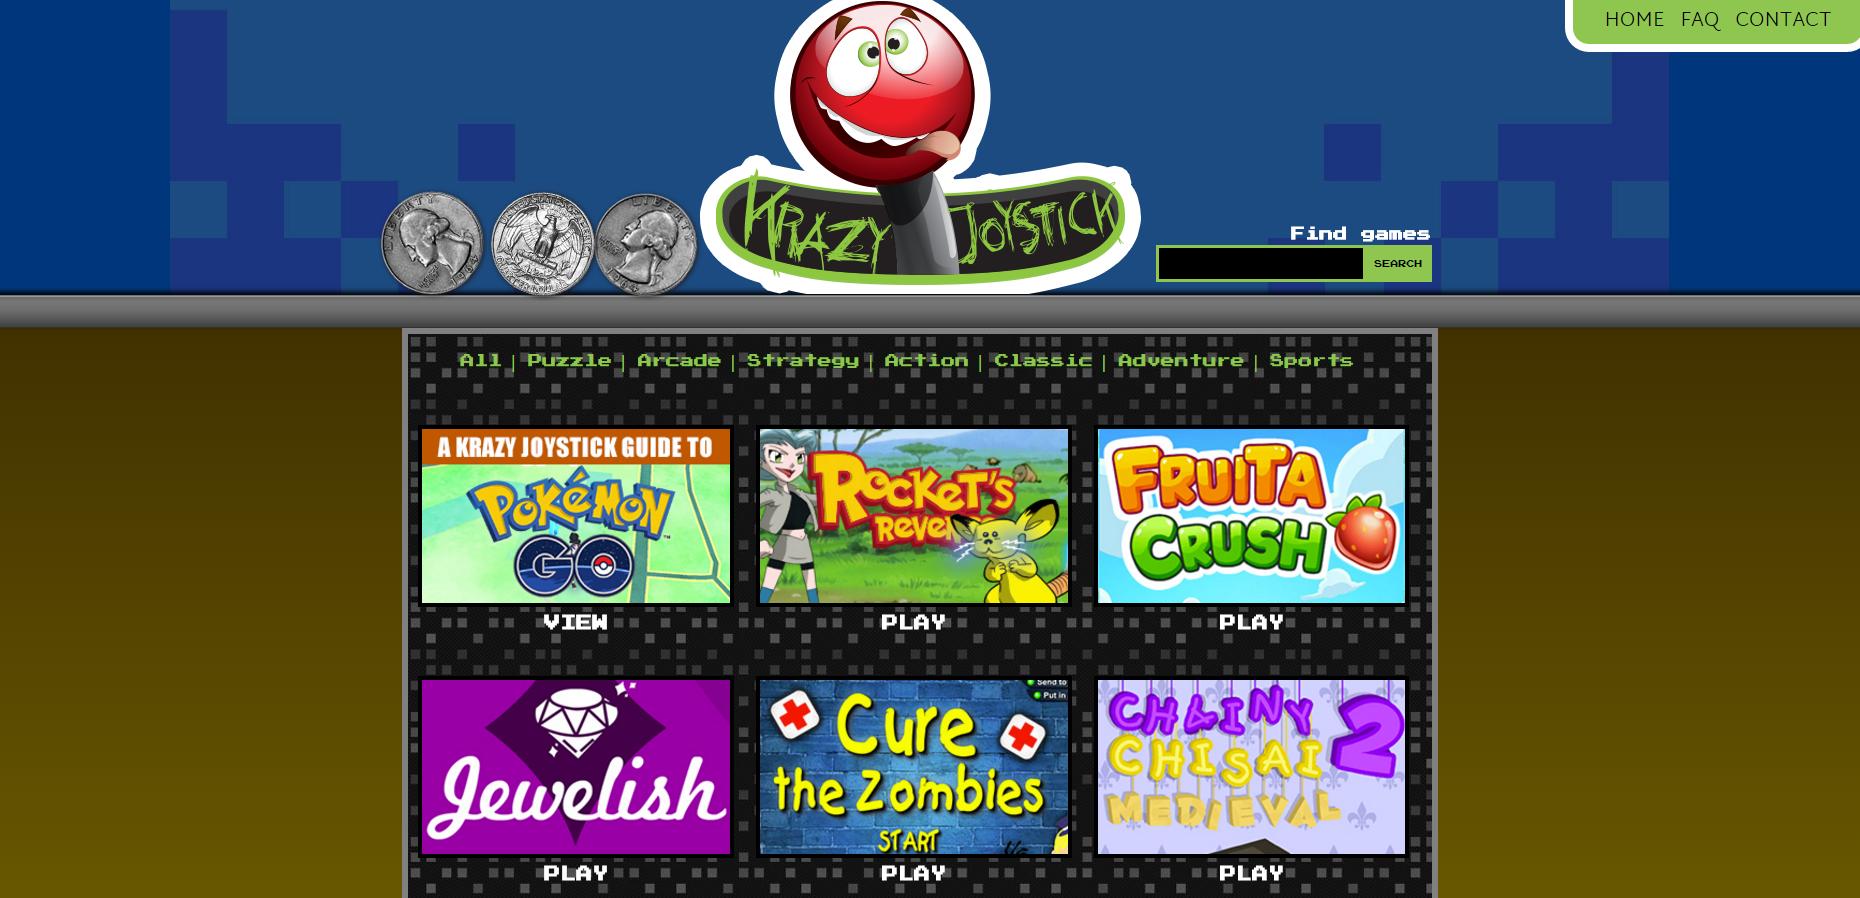 Krazy Joystick Games Ads